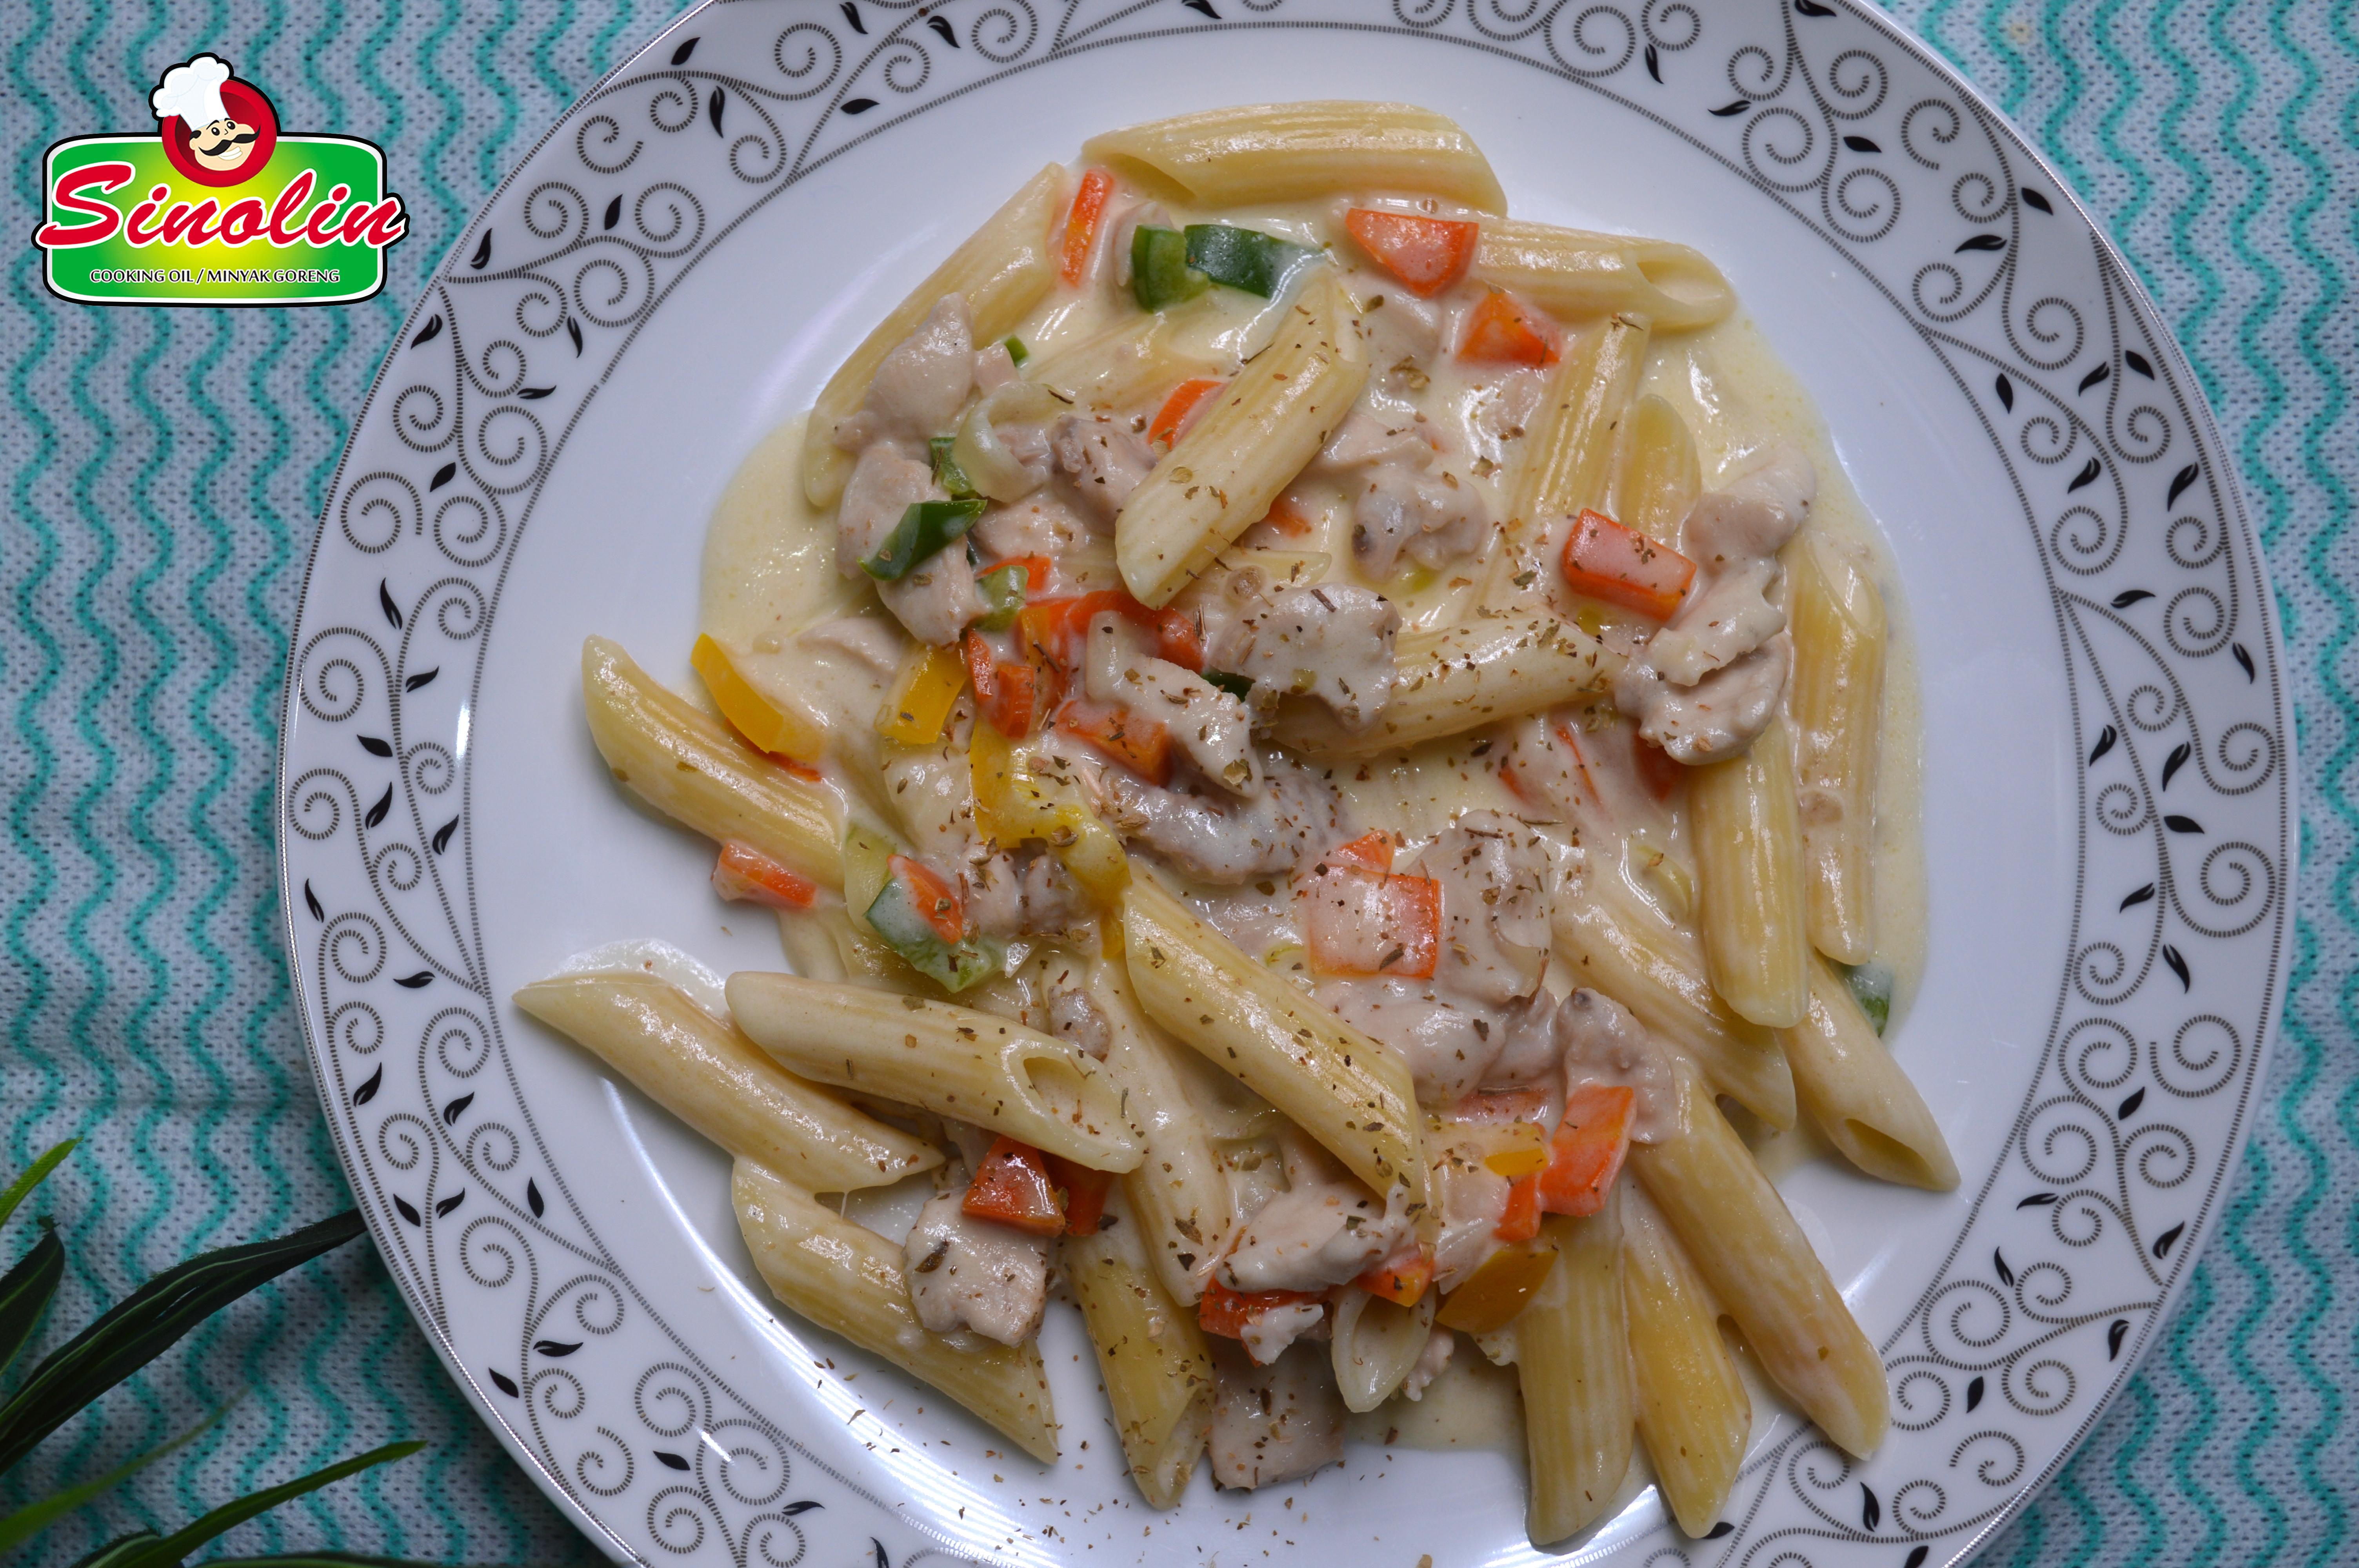 Chicken Macaroni and Cheese By Dapur Sinolin